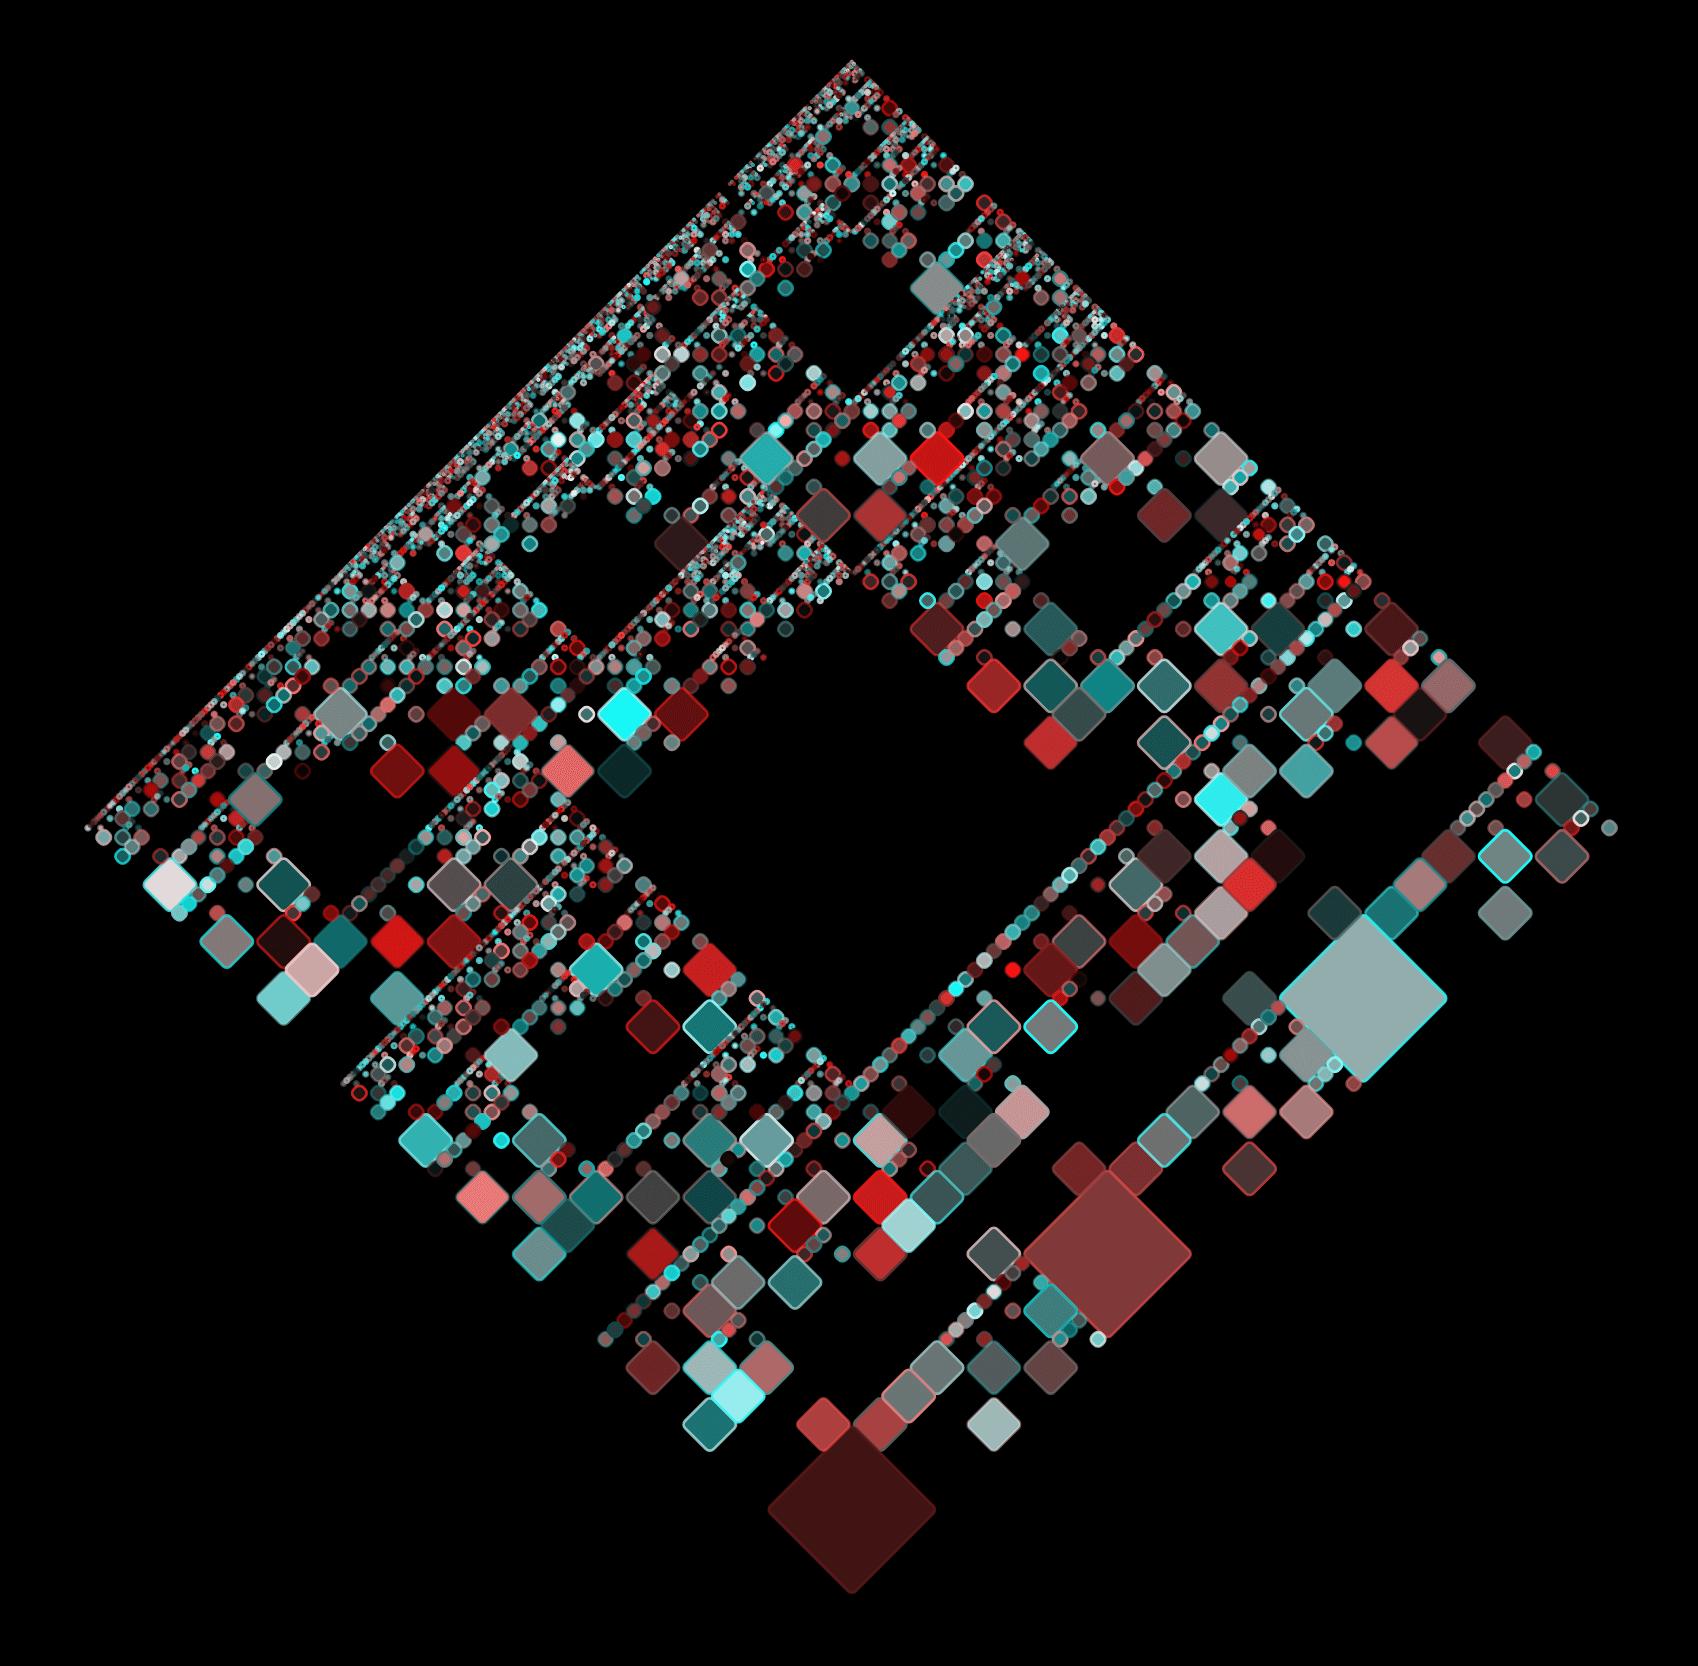 Sierpinski Fractals 1